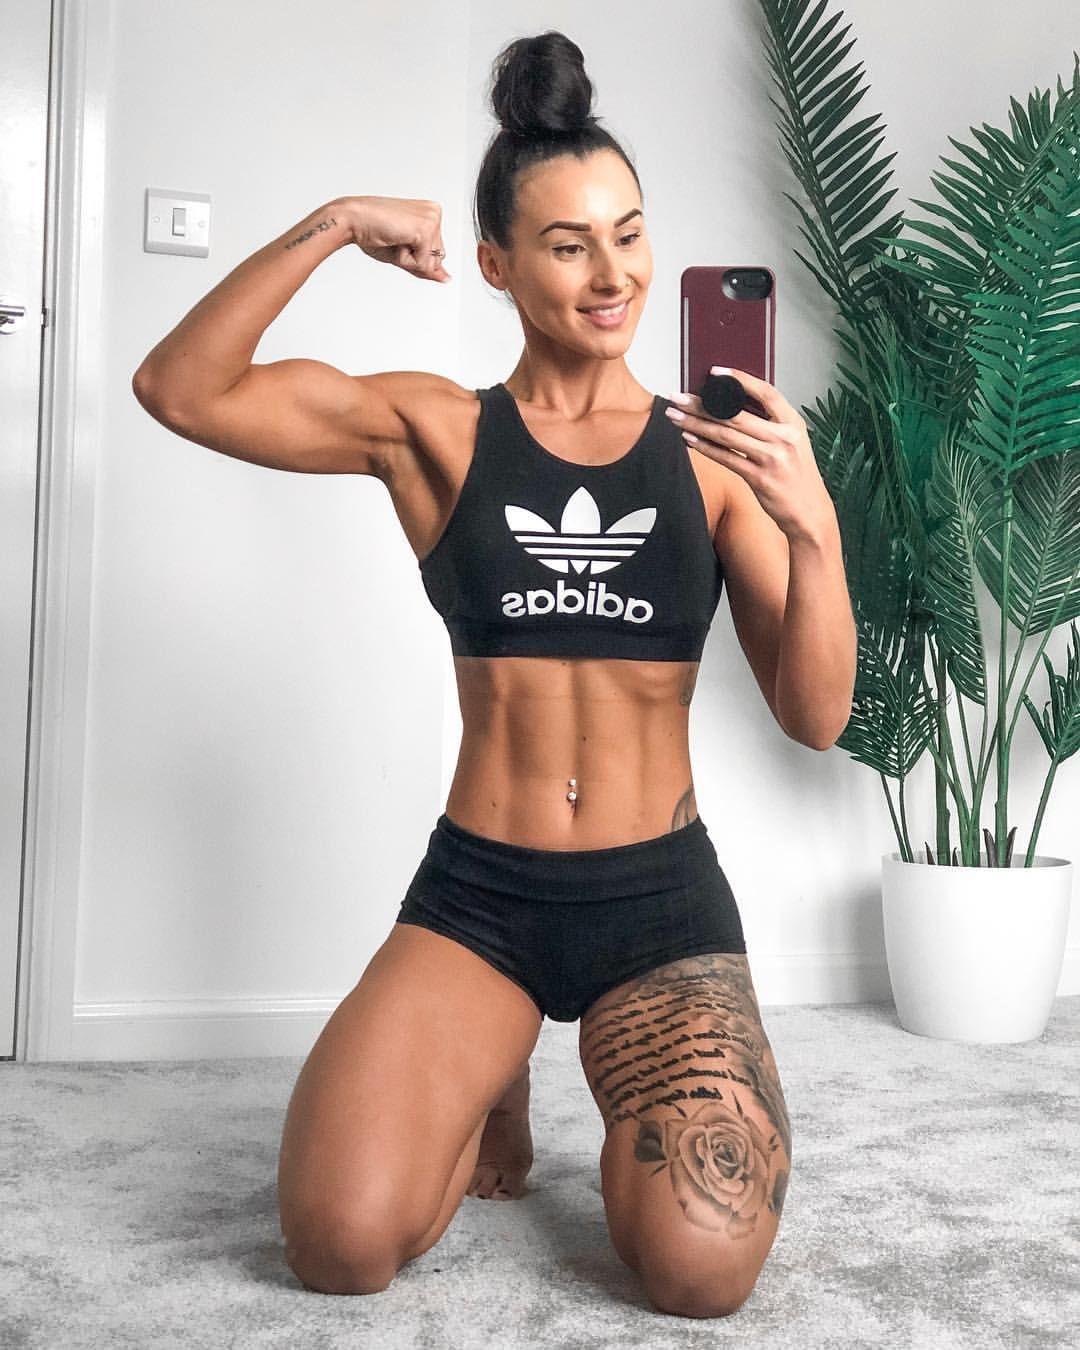 Fitness Motivation Female 2018